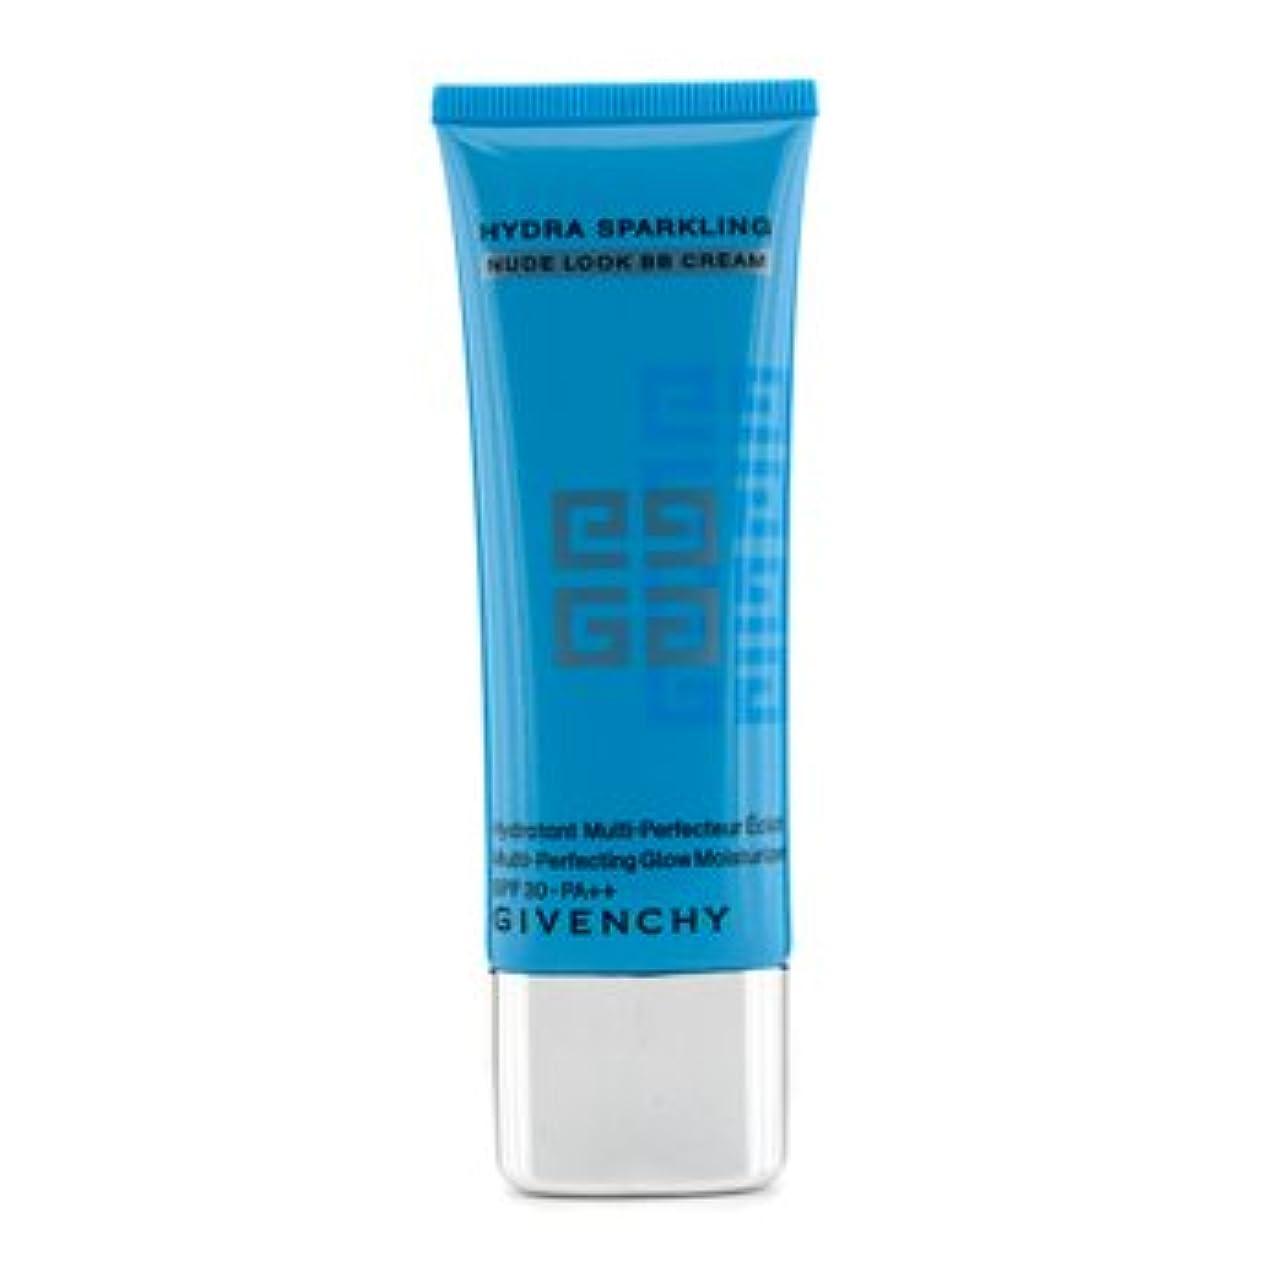 パイル拍手チューインガム[Givenchy] Nude Look BB Cream Multi-Perfecting Glow Moisturizer SPF 30 PA++ 40ml/1.35oz